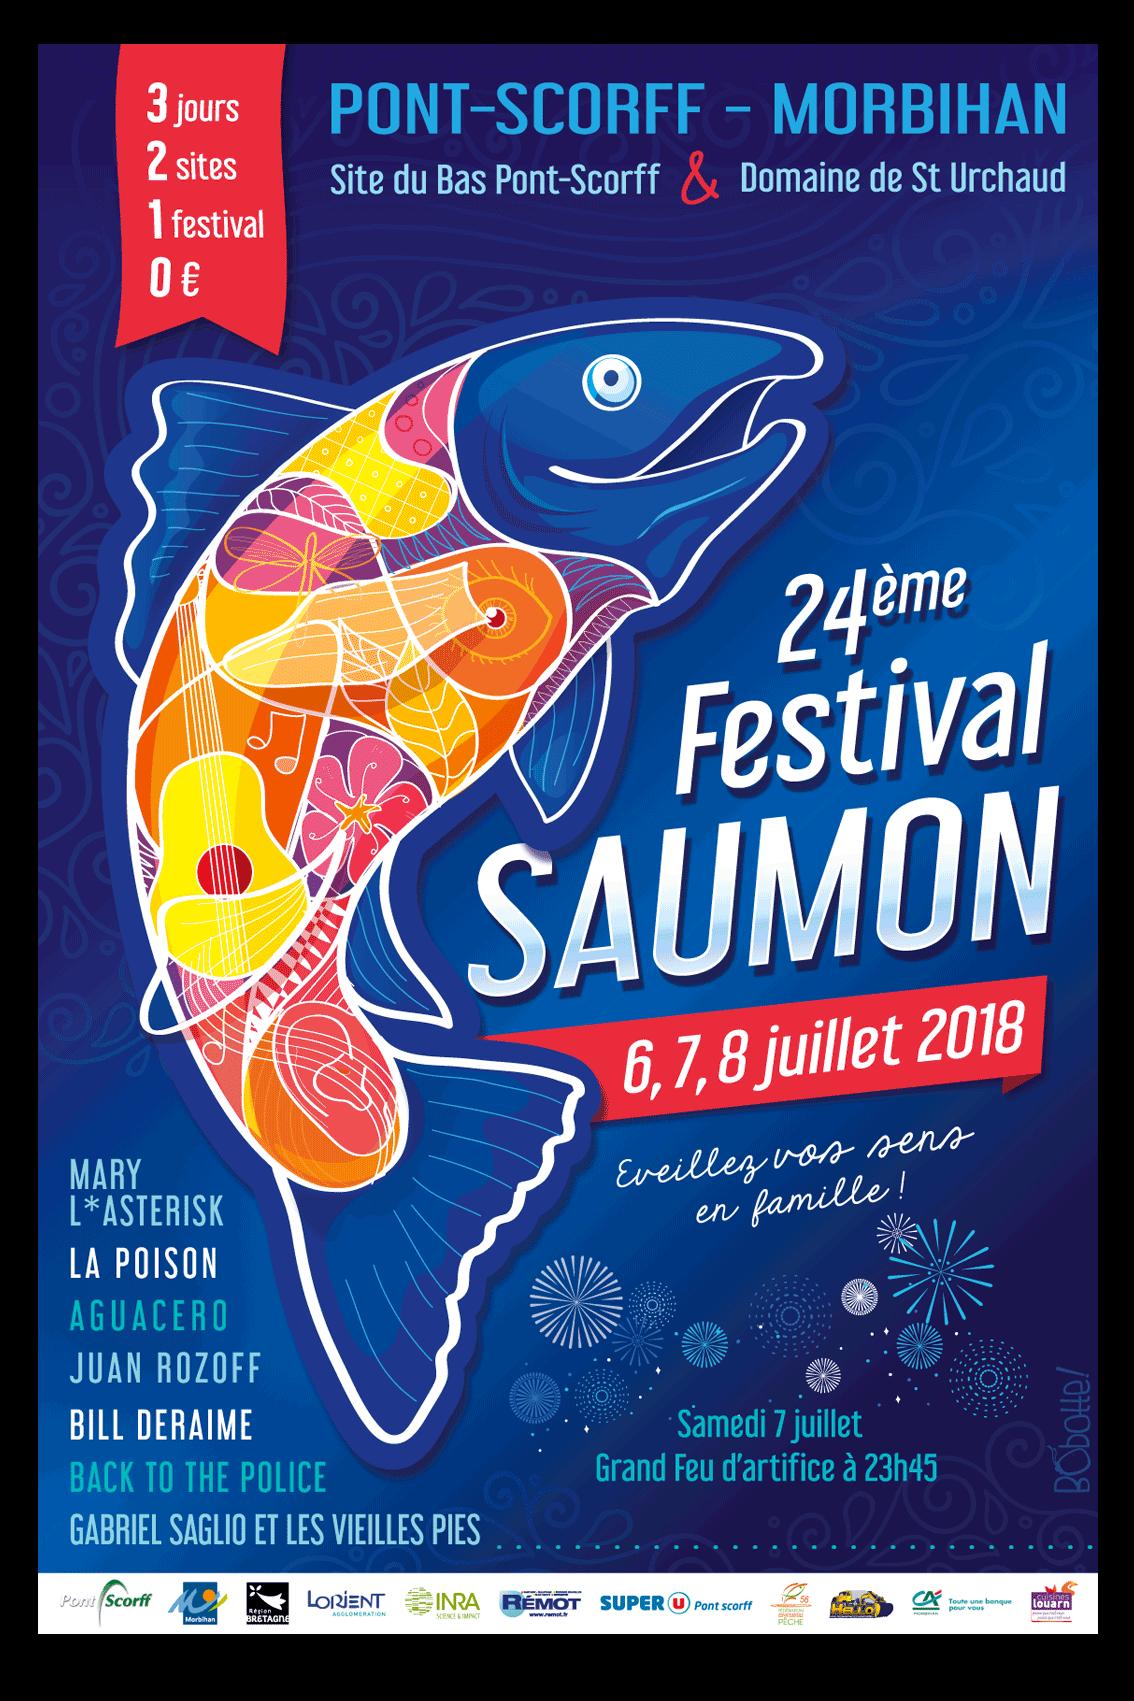 Festival du saumon